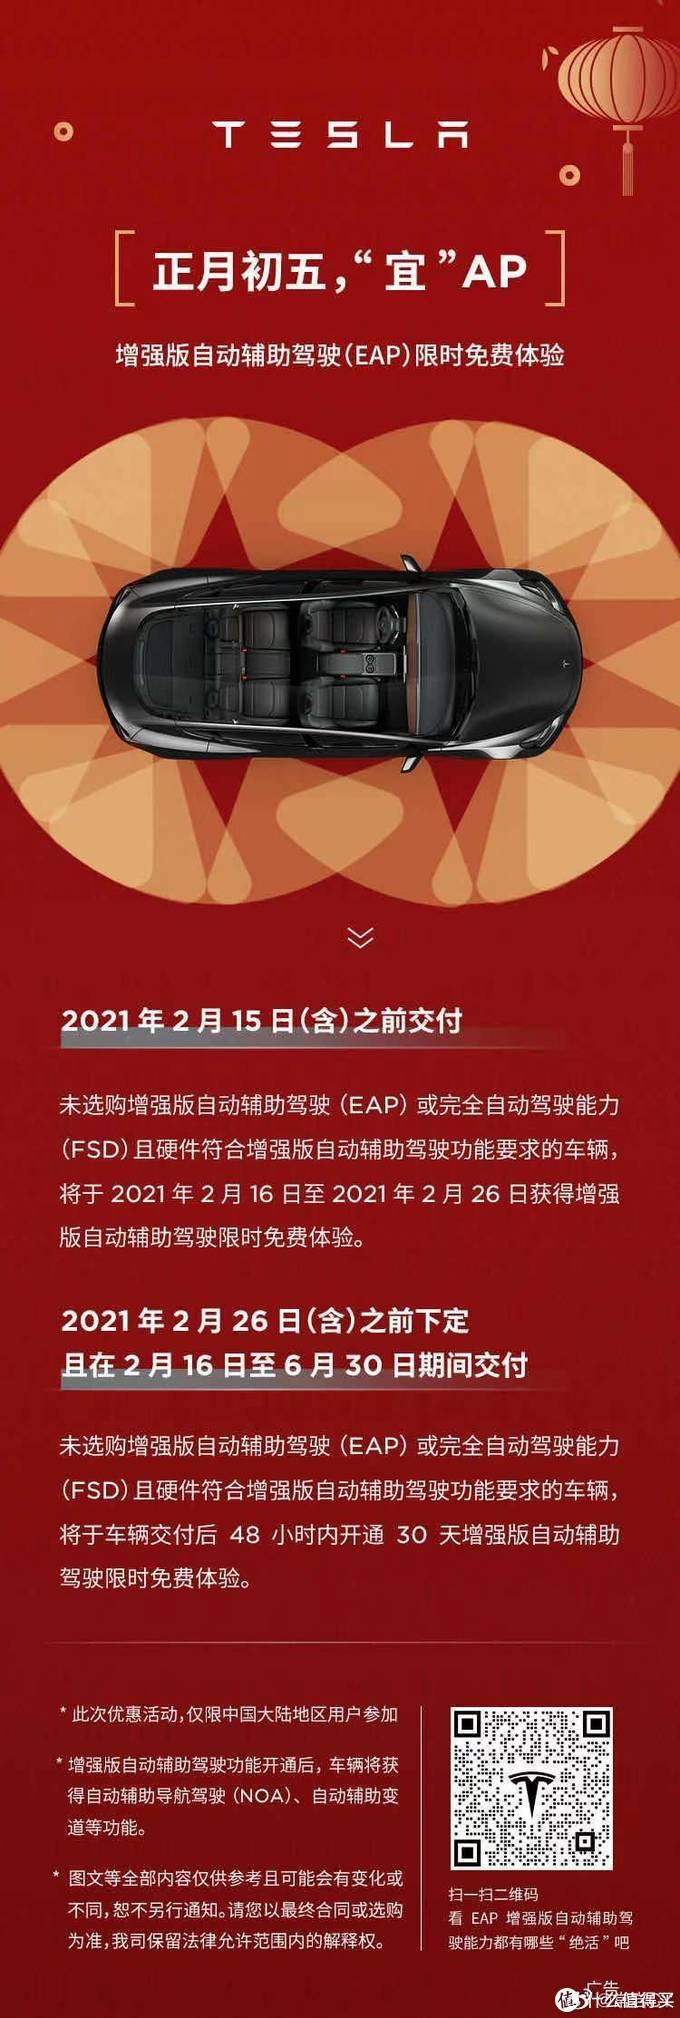 快讯:正月初五宜AP 特斯拉增强版自动辅助驾驶EAP限时免费体验